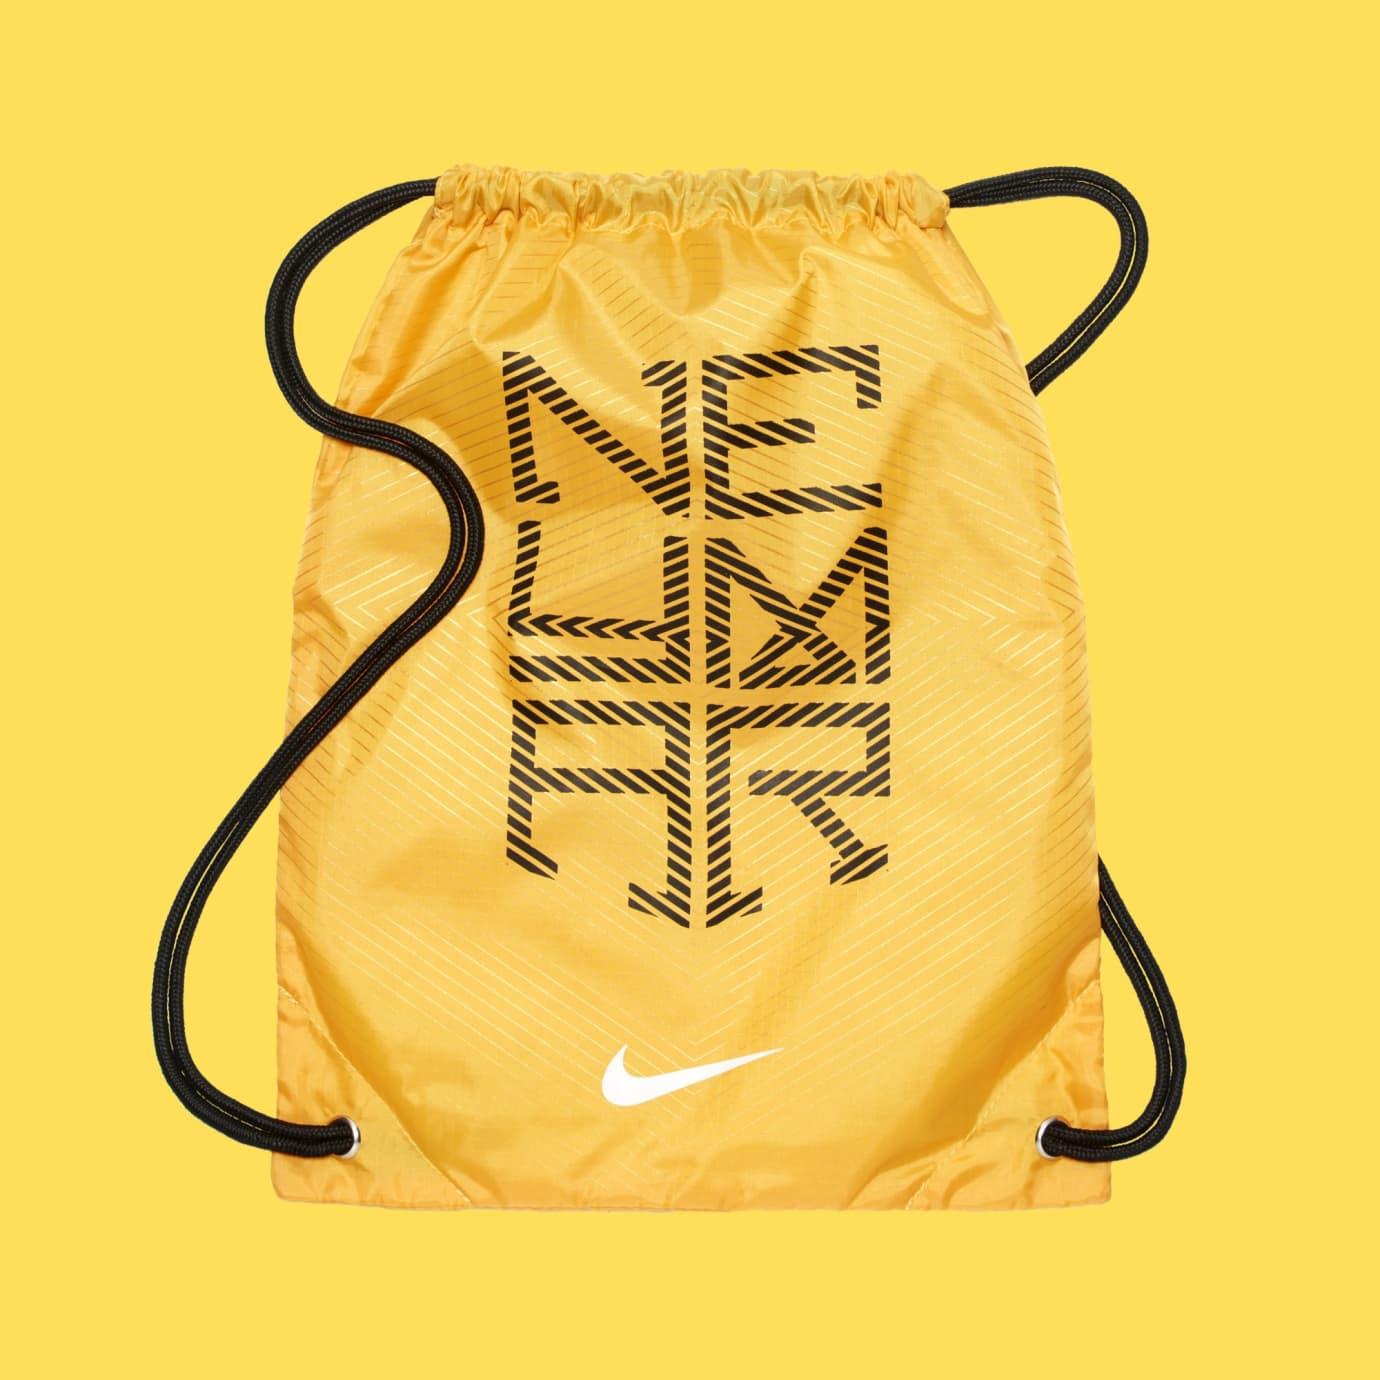 Nike Mercurial Vapor 360 'Meu Jogo' Neymar Jr. AO3126-710 (Bag)